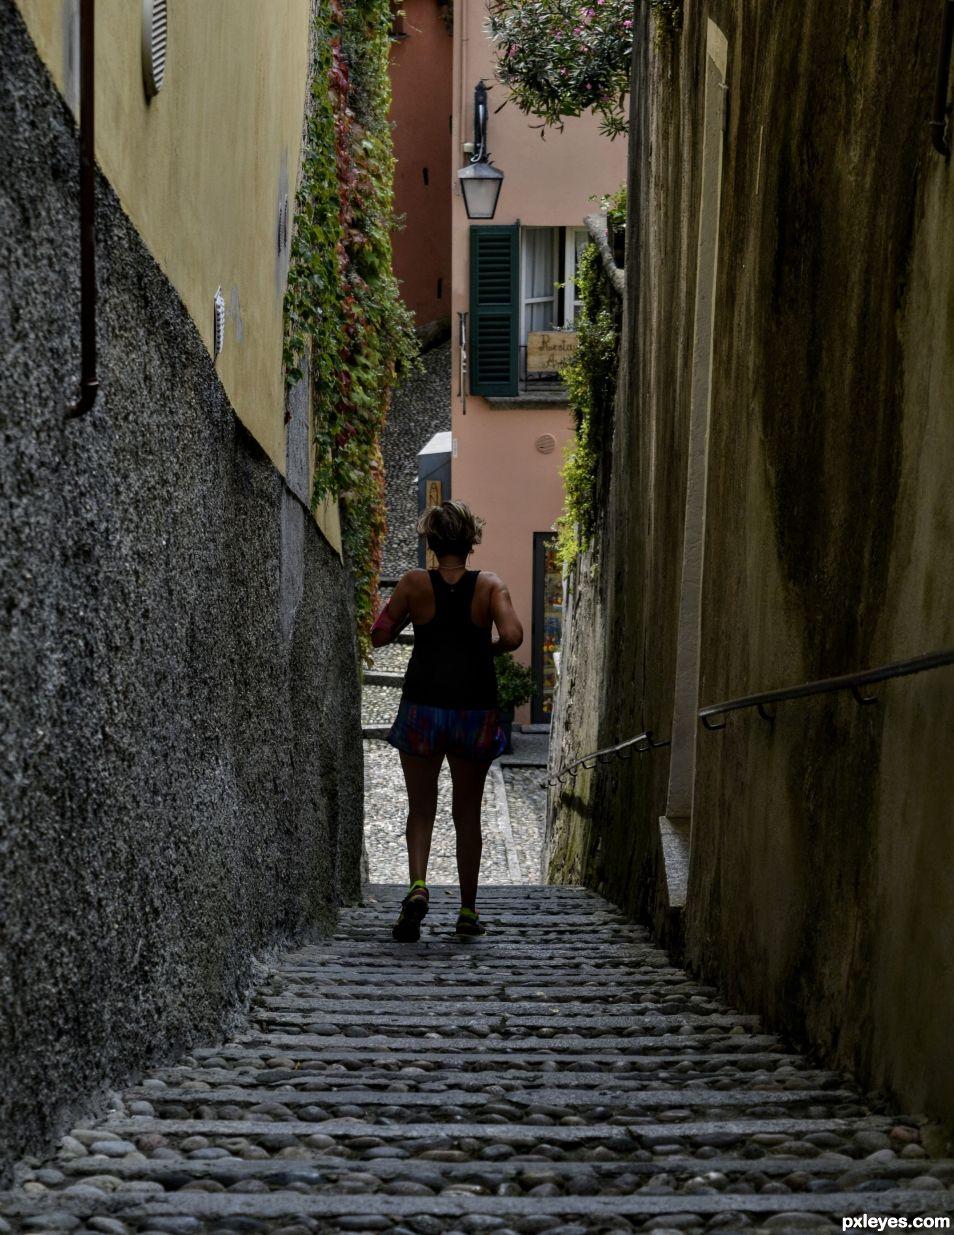 Alleyway Jogging